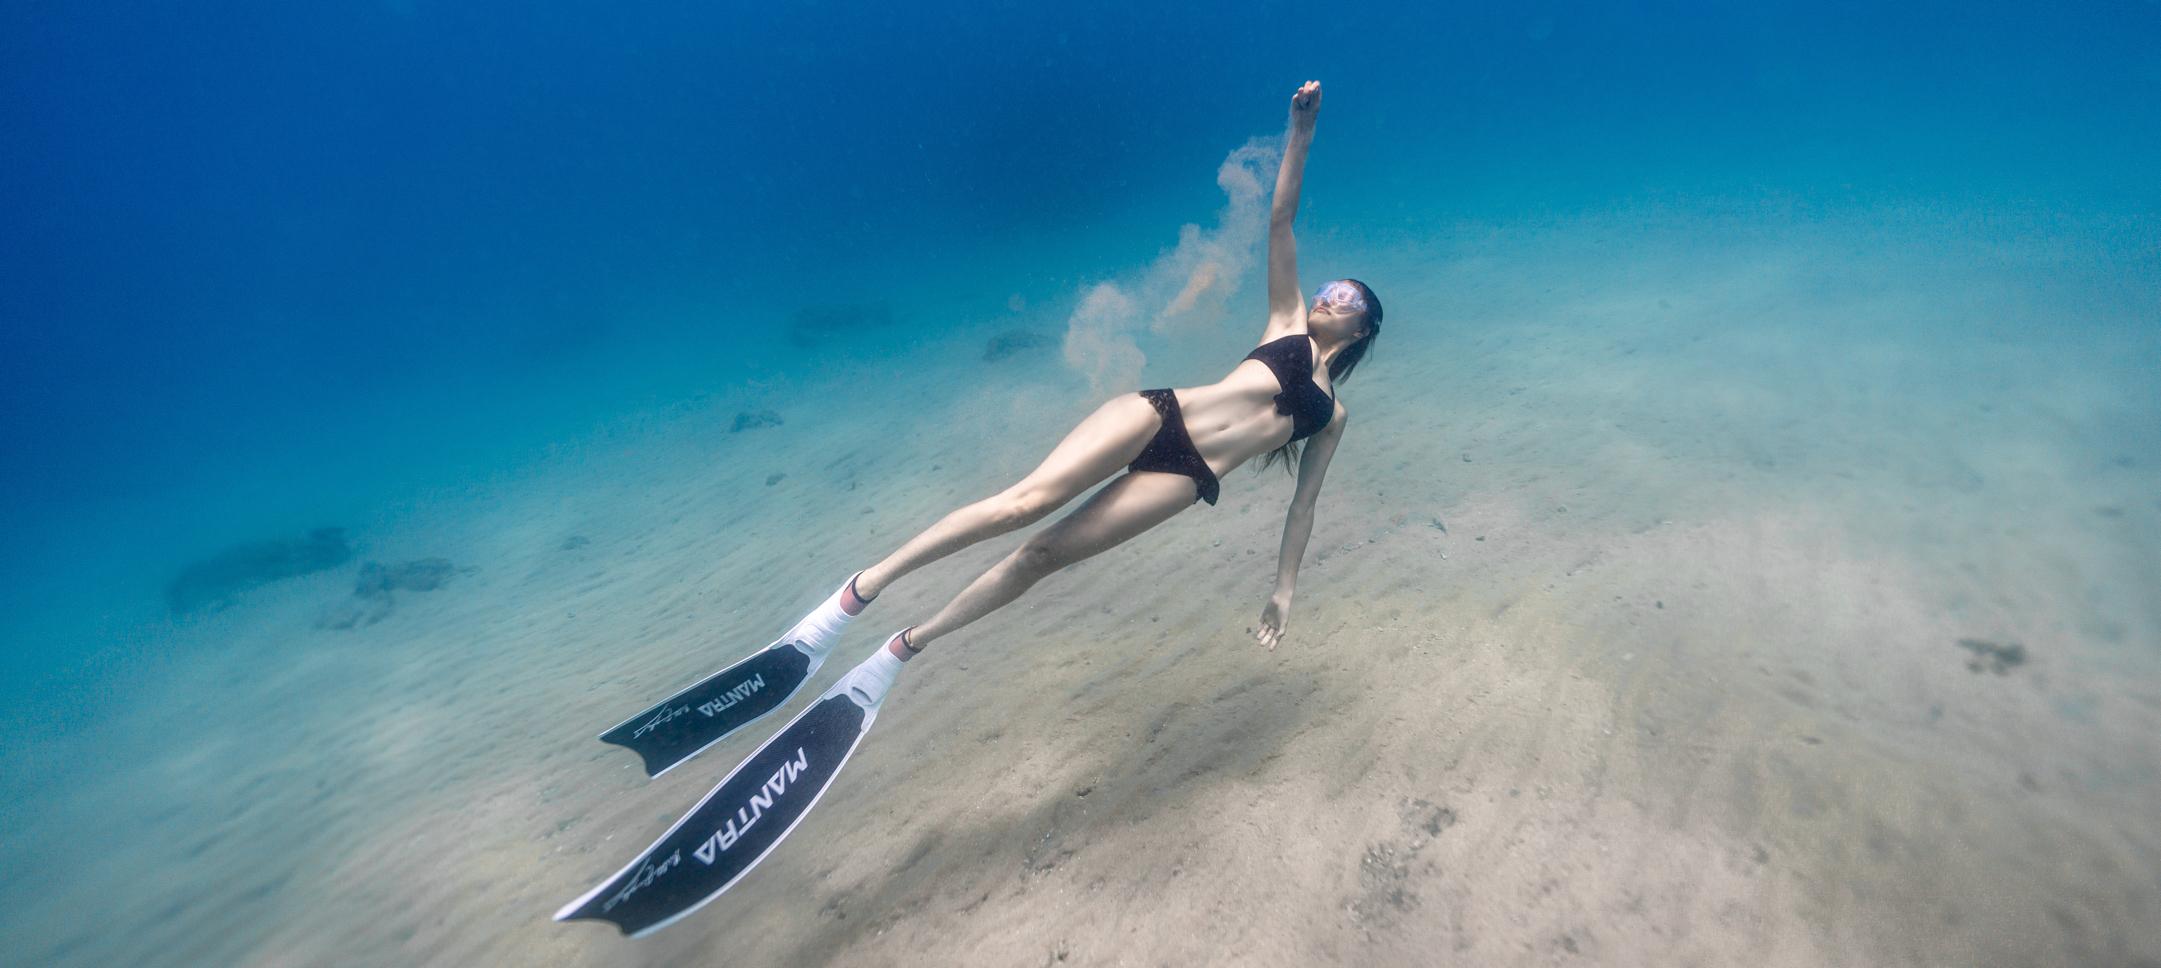 水下摄影装备要怎么选择呢